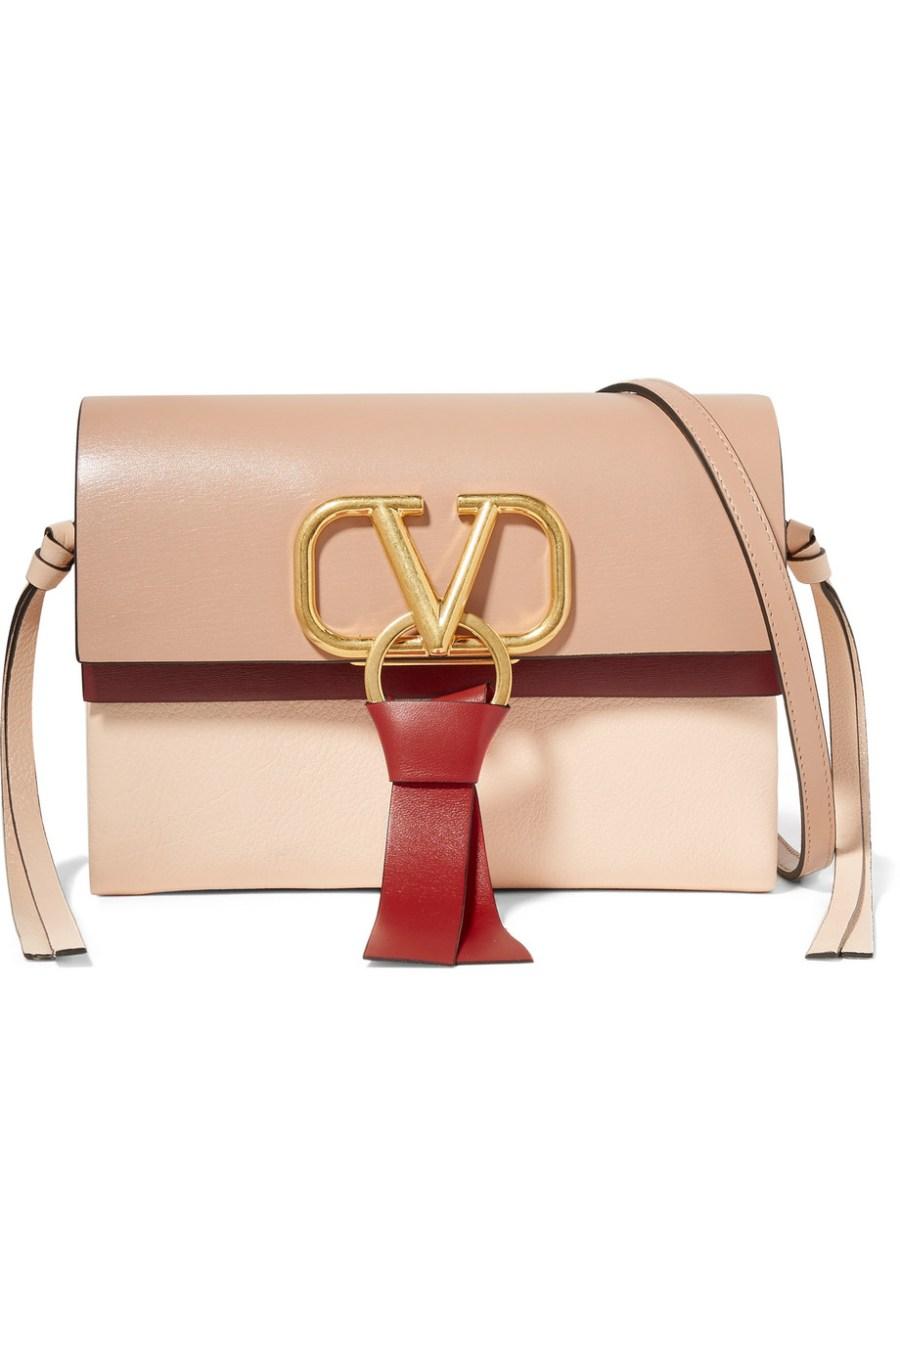 ▌折扣消息 ▌ Valentino新款V-ring、Uptown包好價格快收!